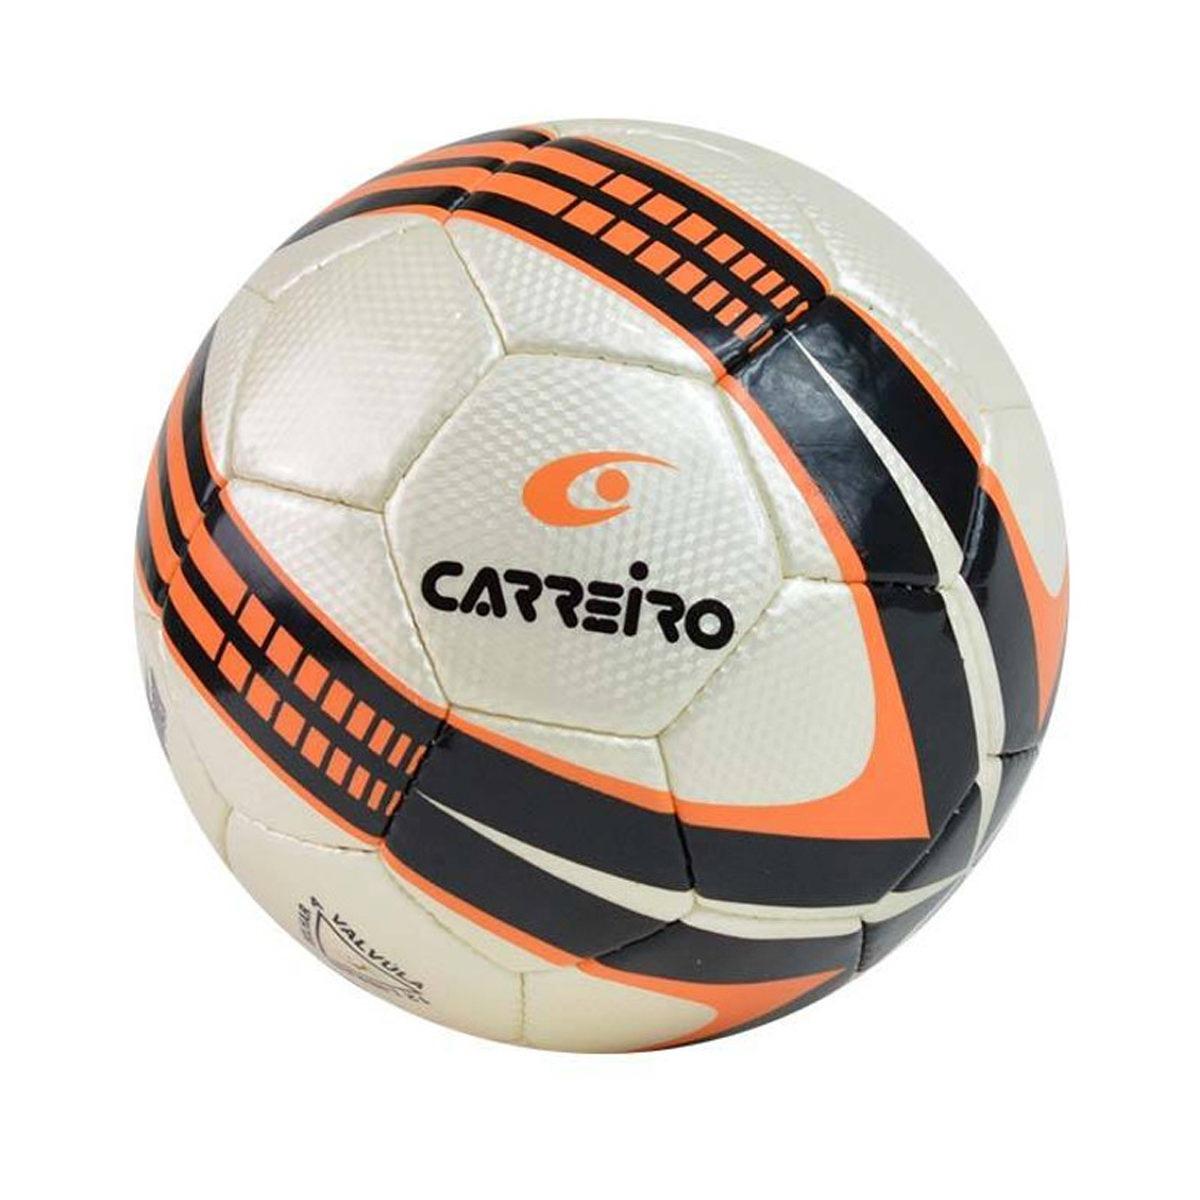 bola de futebol campo original carreiro fio especial. Carregando zoom. 20d228a1969ff